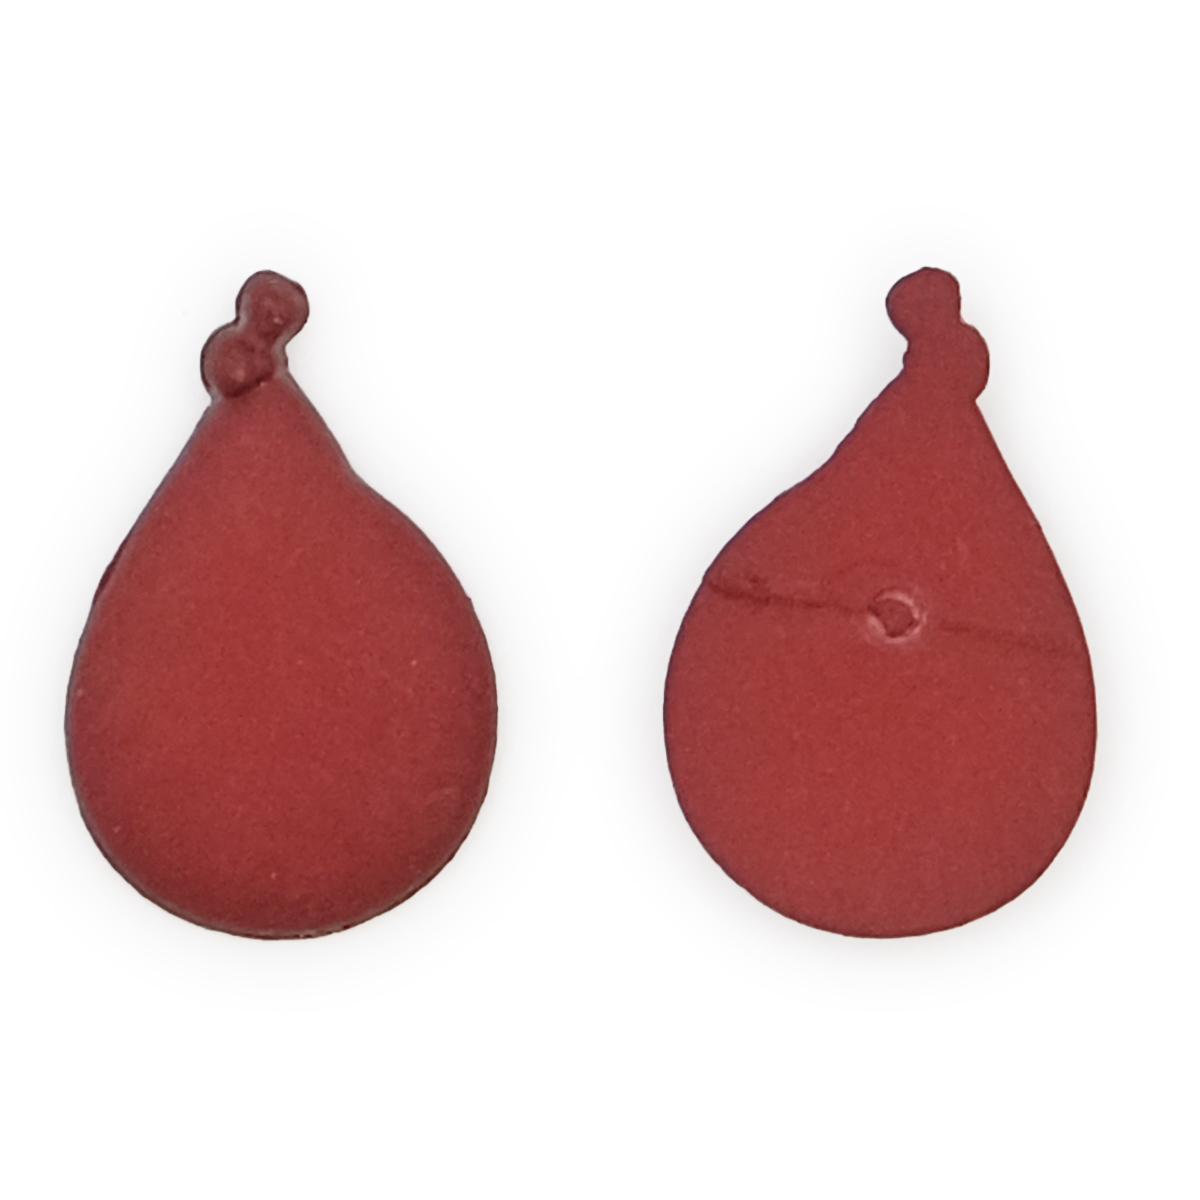 Декор.элемент, Воздушные шарики (HG355) 15мм